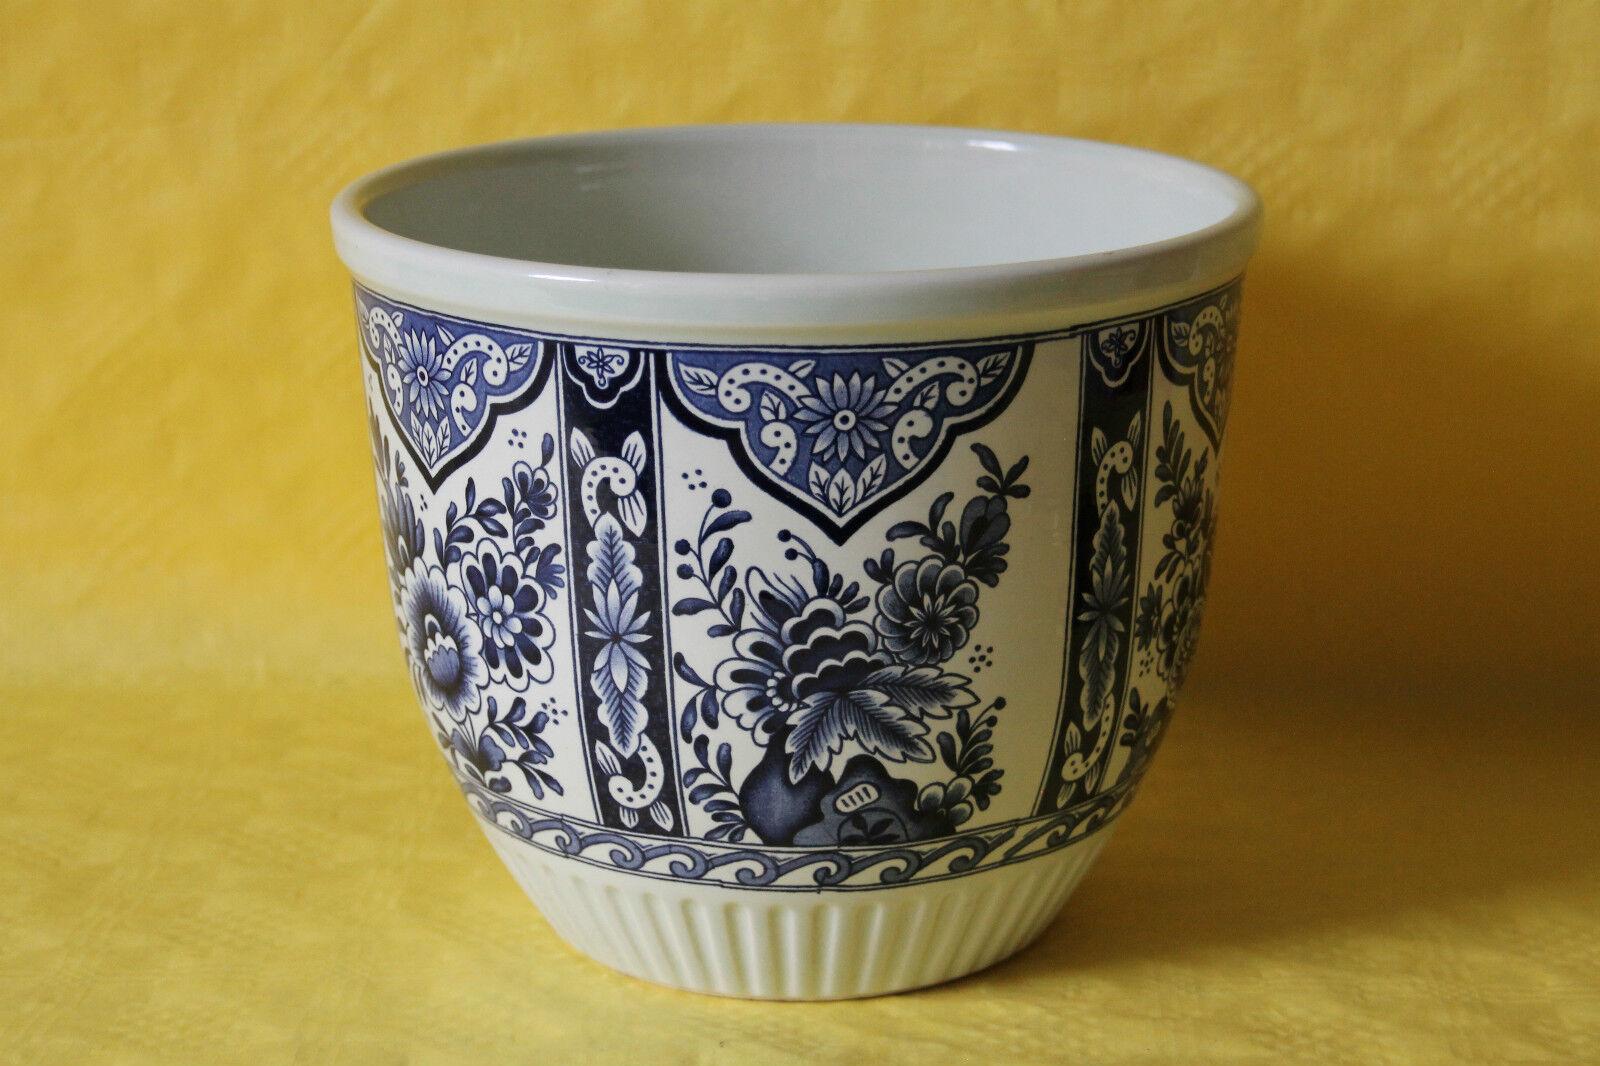 Zauberhafter Blaumentopf Übertopf Boch Delfts Delfter Blau - Stil  21 cm